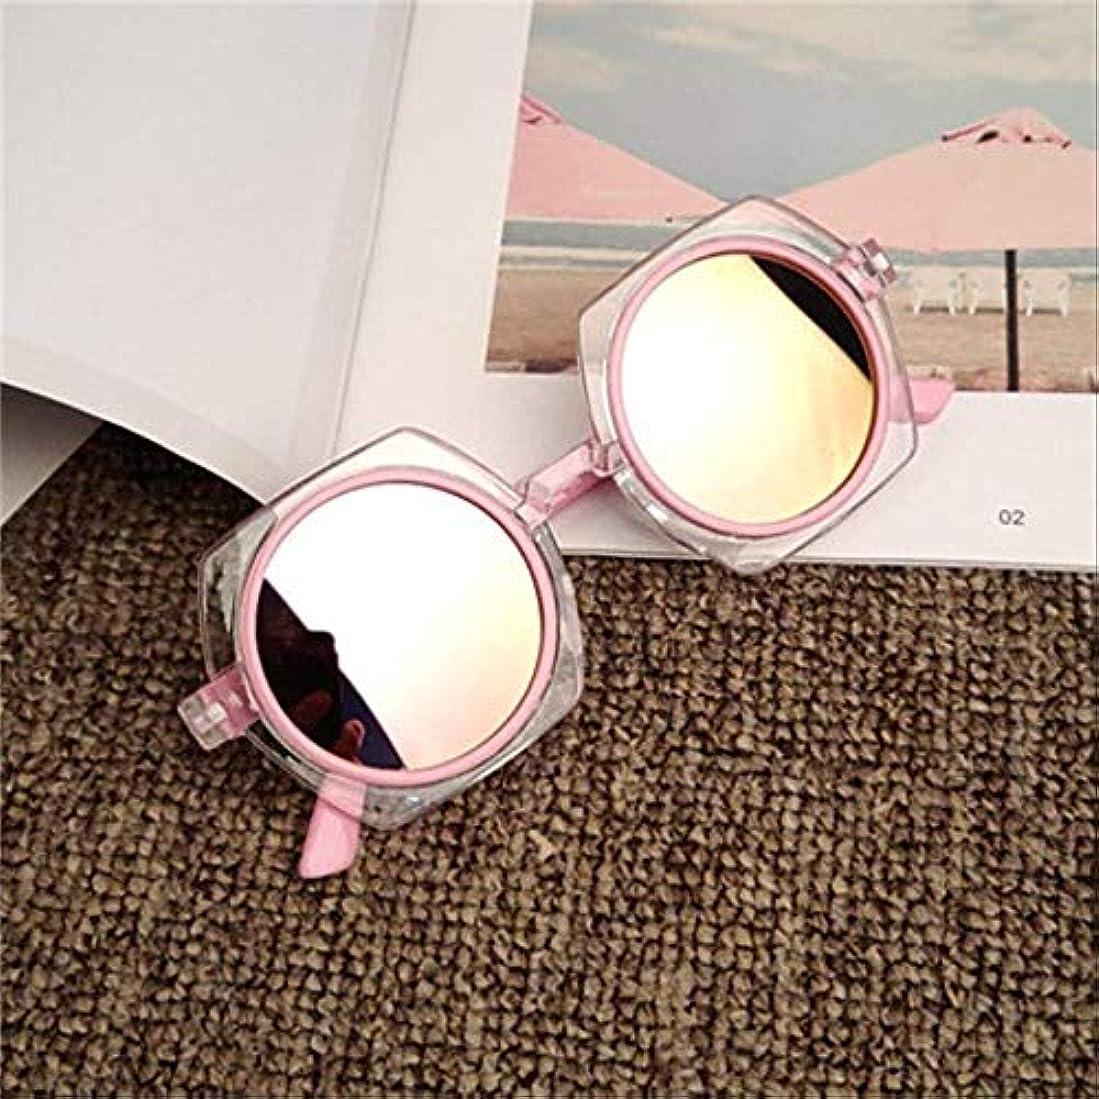 偽善者正直自然AMKLLEN  レトロヴィンテージキッズ特大サングラスブランドデザイナー子供のミラー日ガラス高級シェード赤ちゃん男の子女の子サングラス  x 70-1